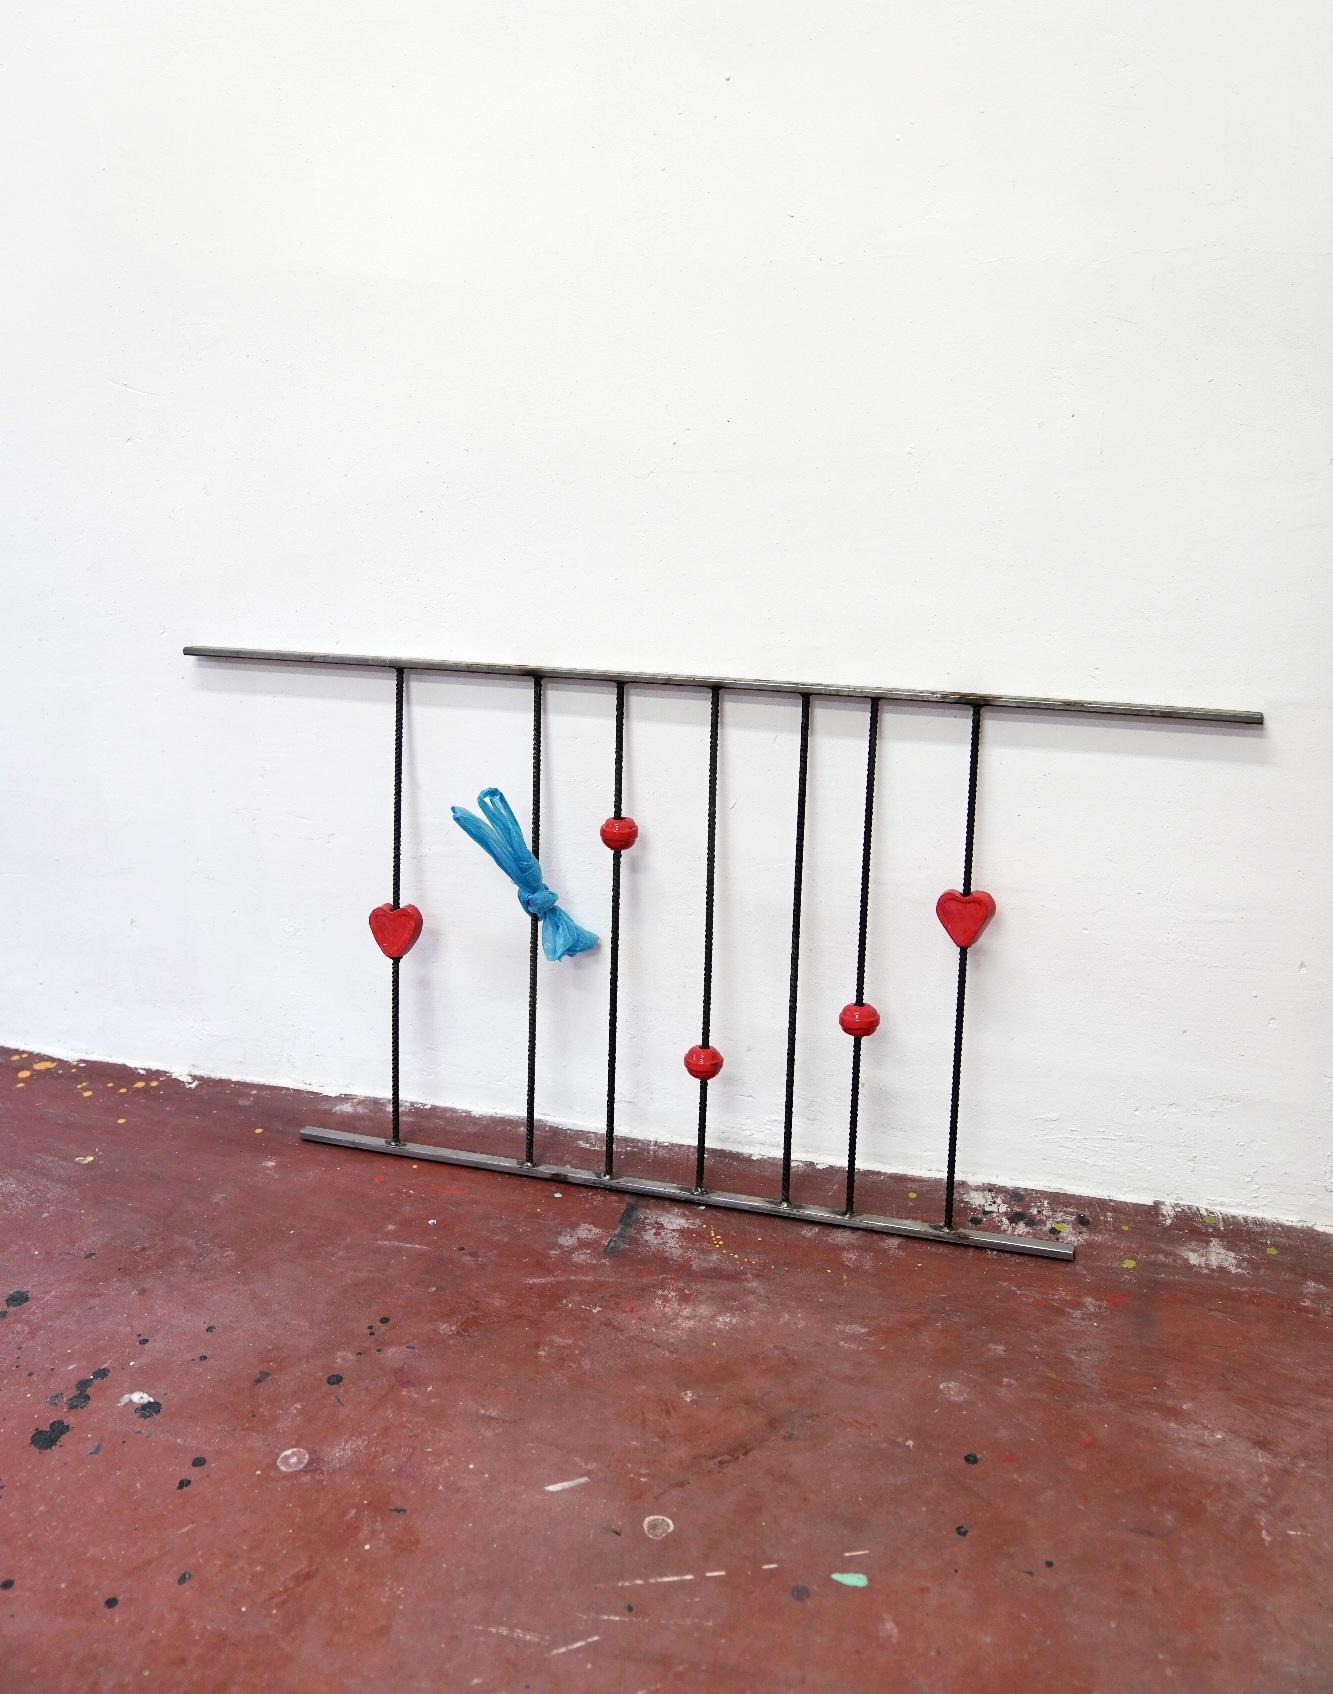 CaballeroCosmica-ExhibitionPhoto-Openstudio-Tamara-Arroyo-23-.jpg